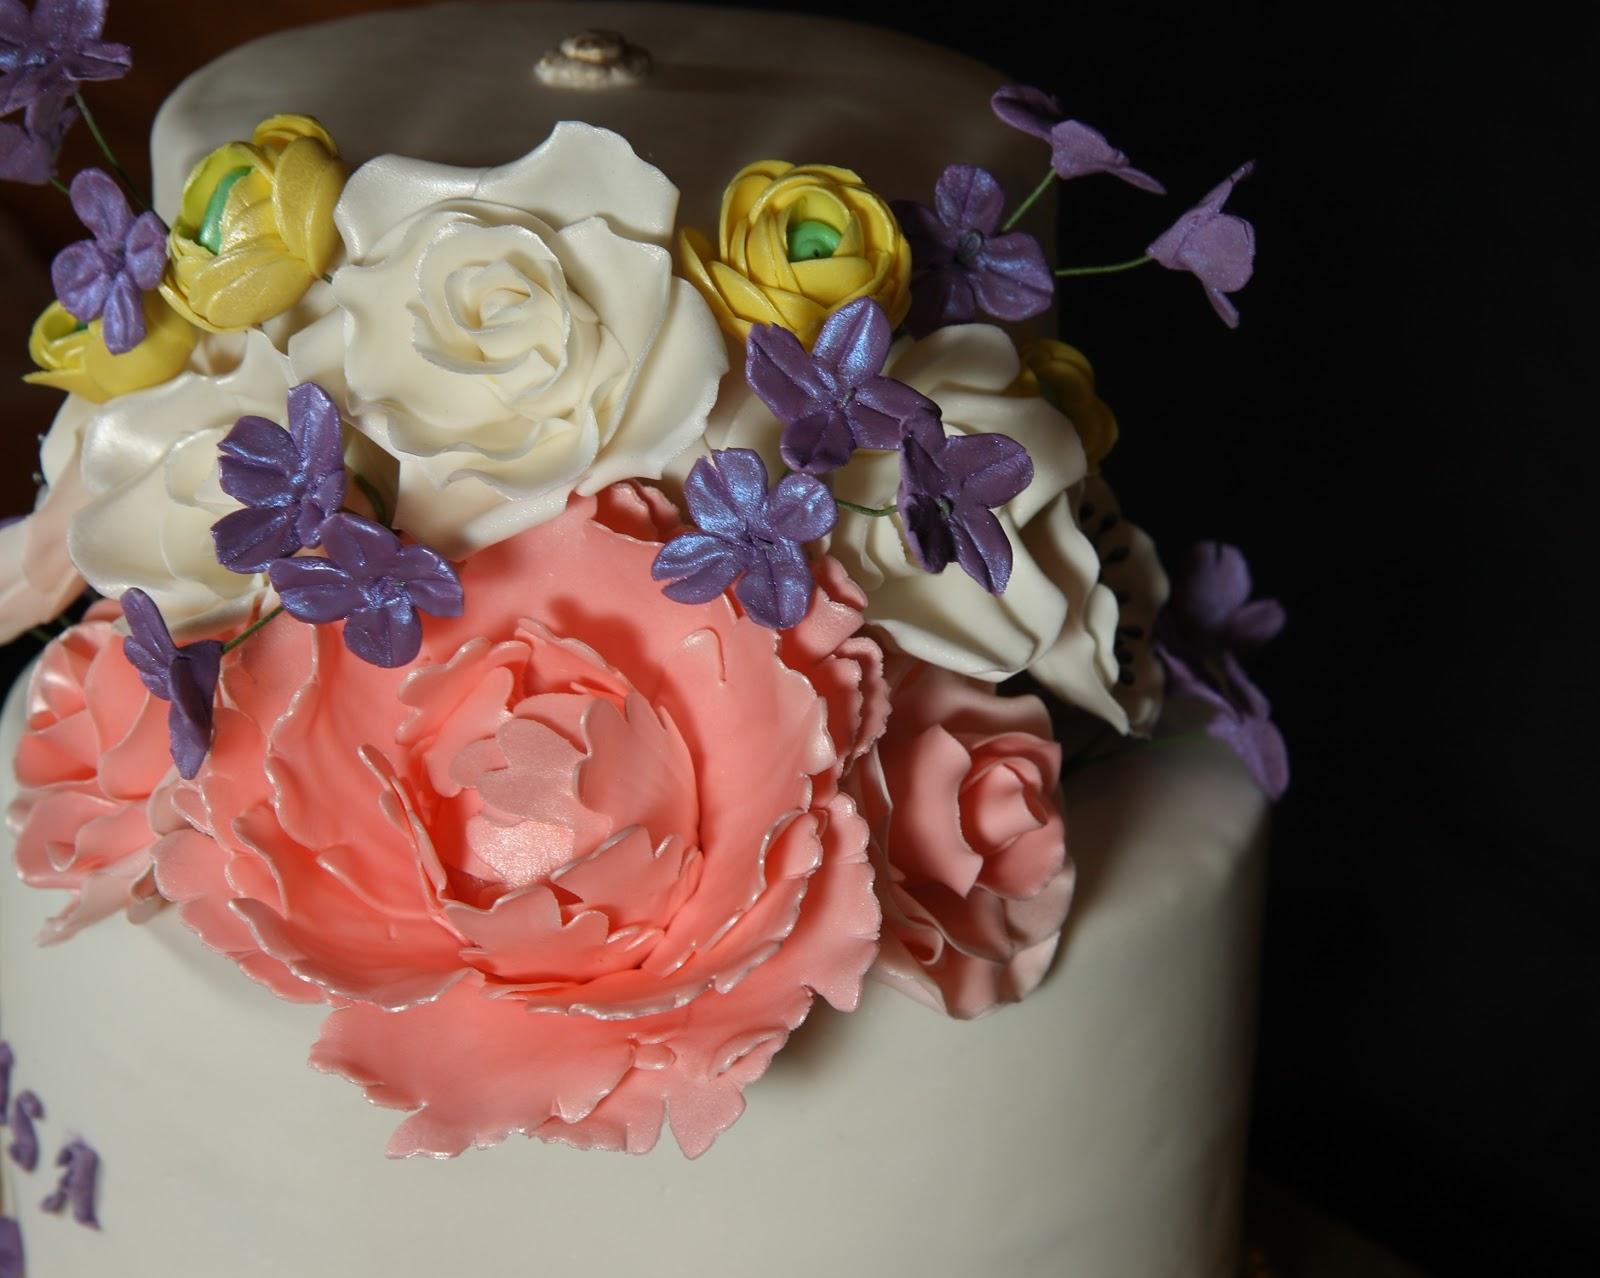 Cake Gumpaste Decorations